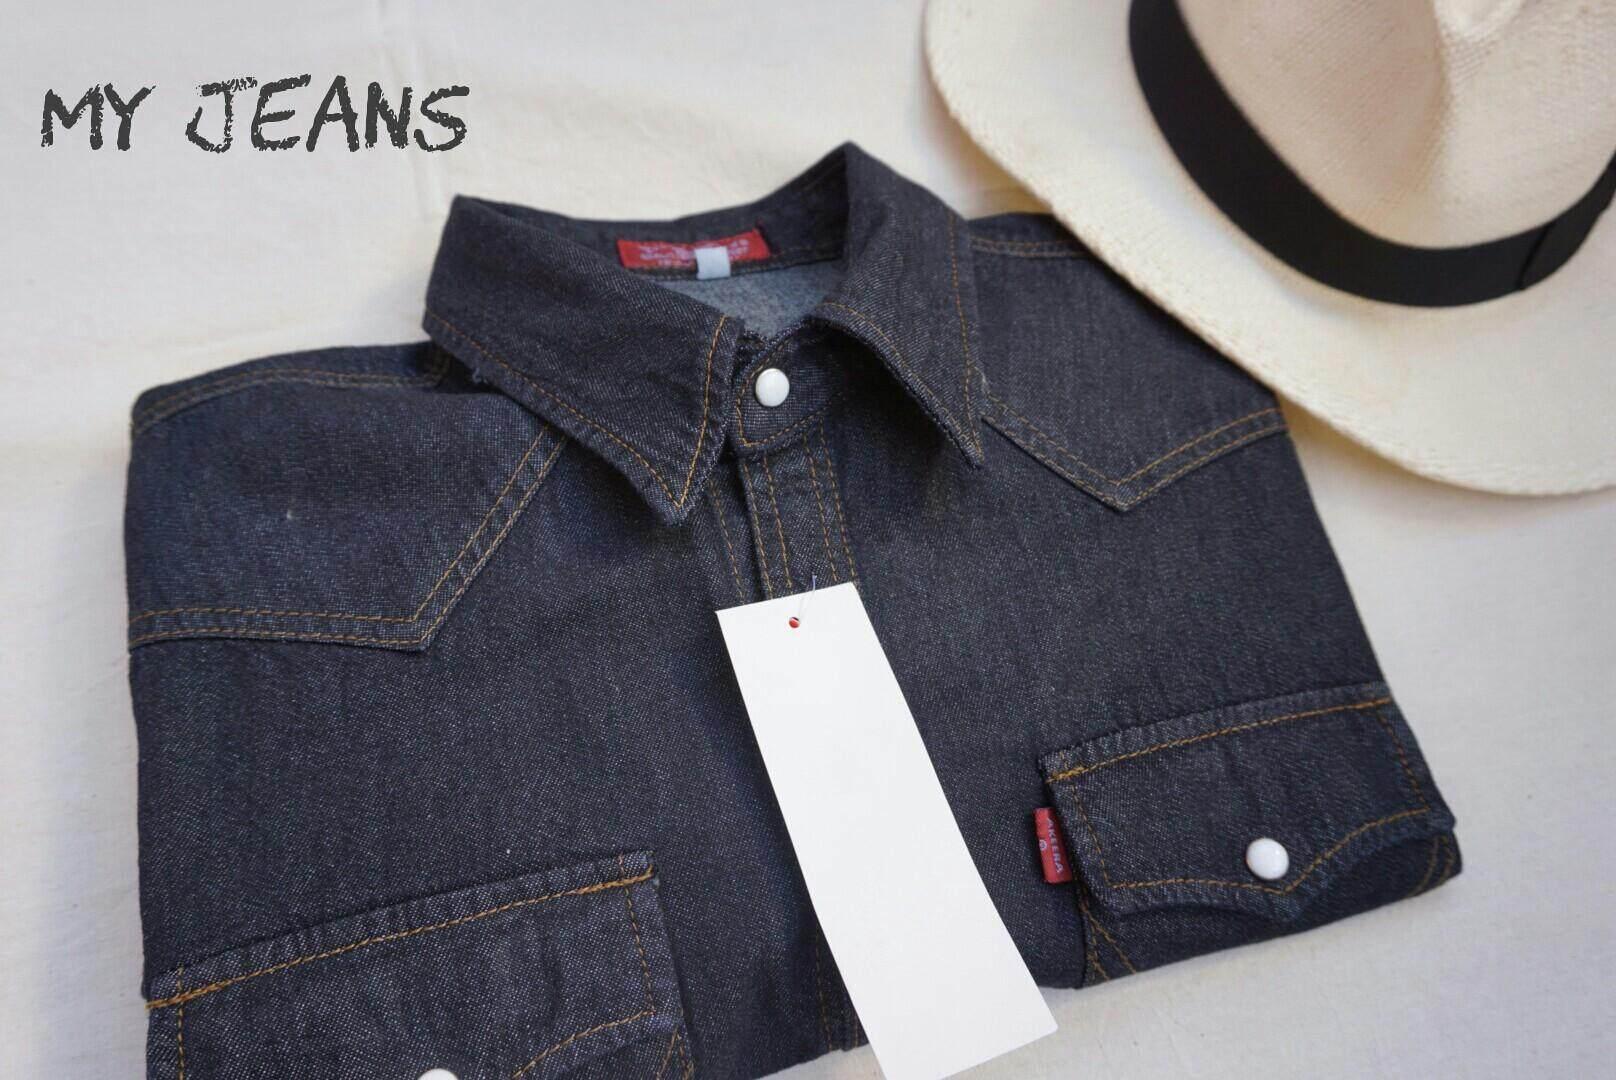 !!ลดสนั่น!! เสื้อเชิ๊ตยีนส์ แขนยาว ใส่สบายผ้าไม่บาง (สีดำ) By My Jeans.